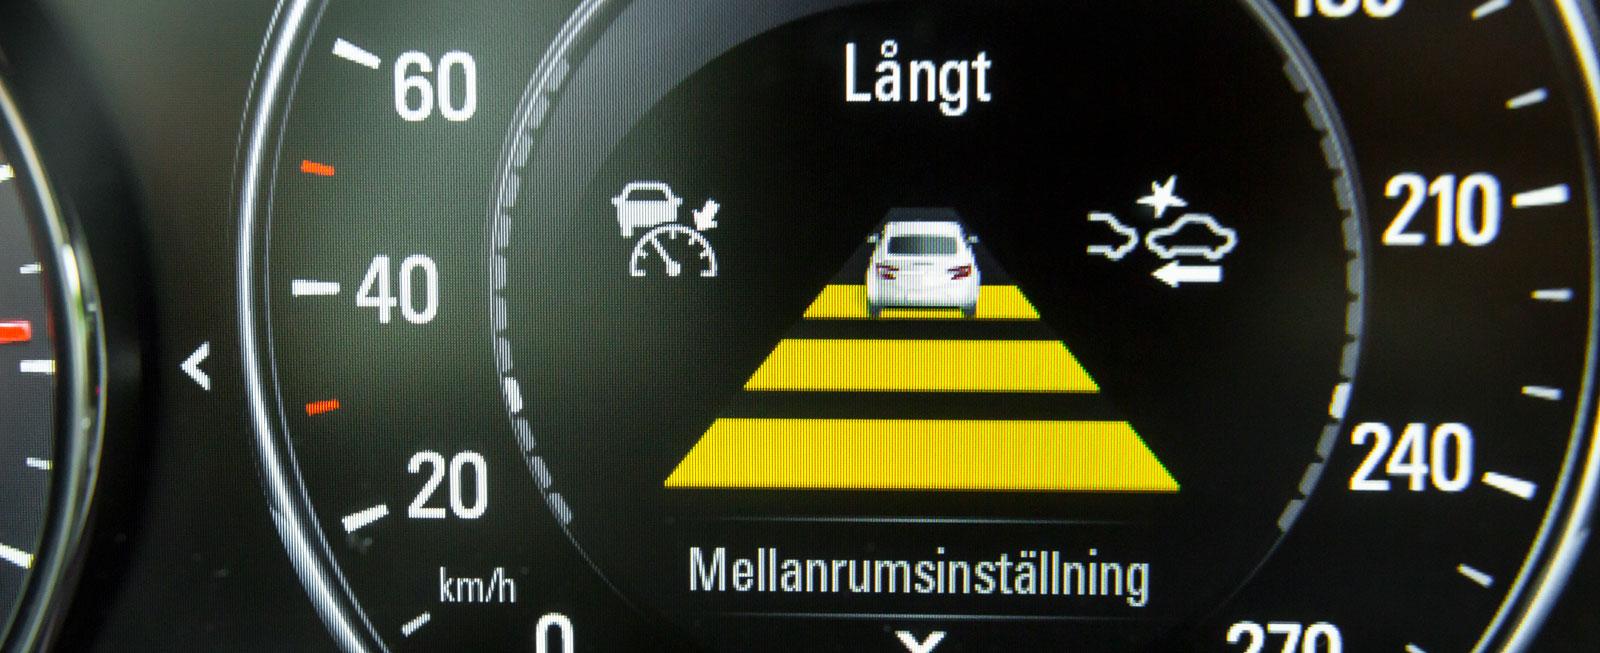 Även den aktiva farthållaren kostar 5900 kr extra. Grafiken är färgglad och tydlig och visas i centrum av hastighetsmätaren.